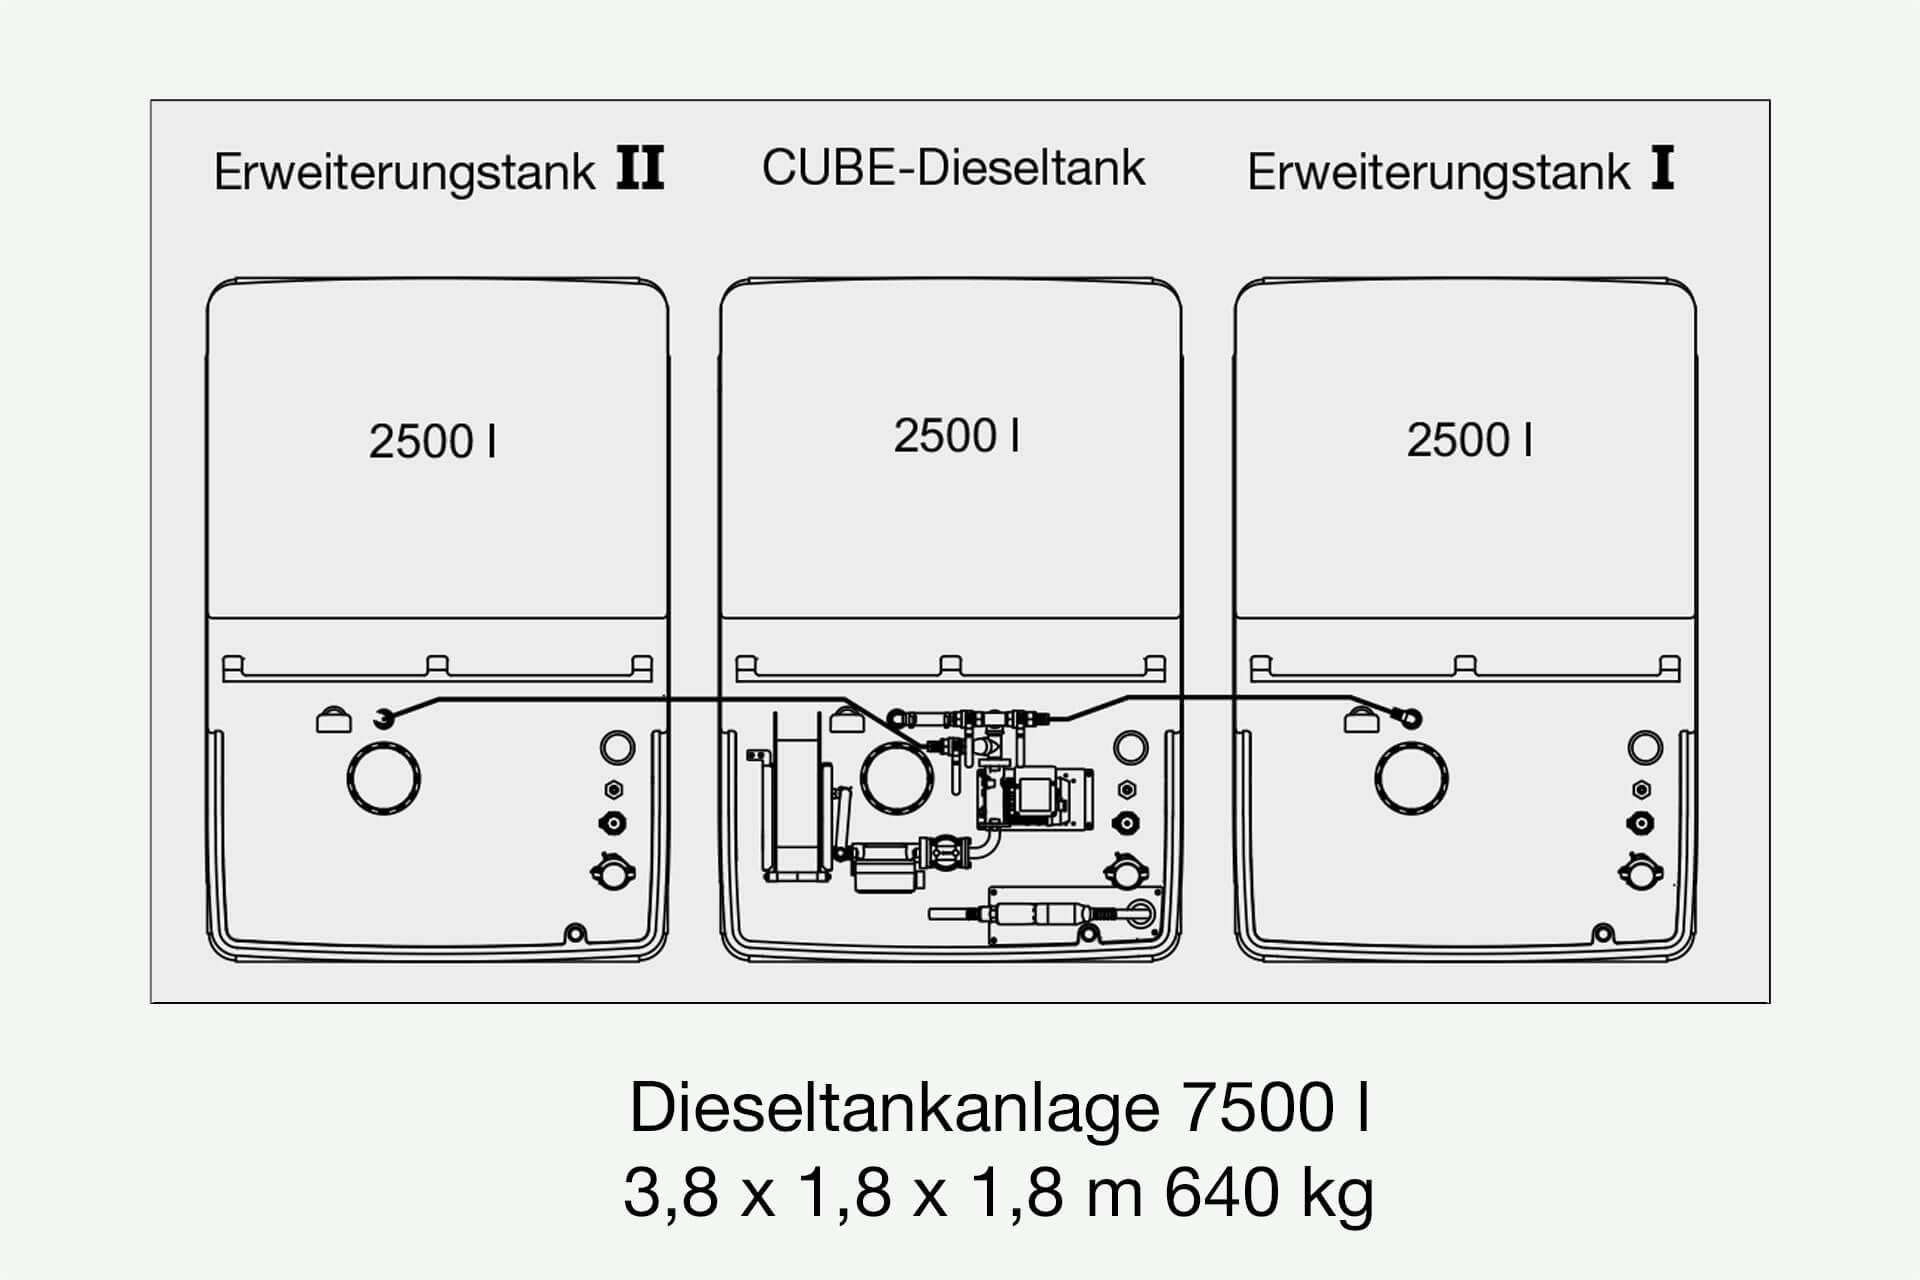 Tankanlage mit zwei Erweiterungstanks